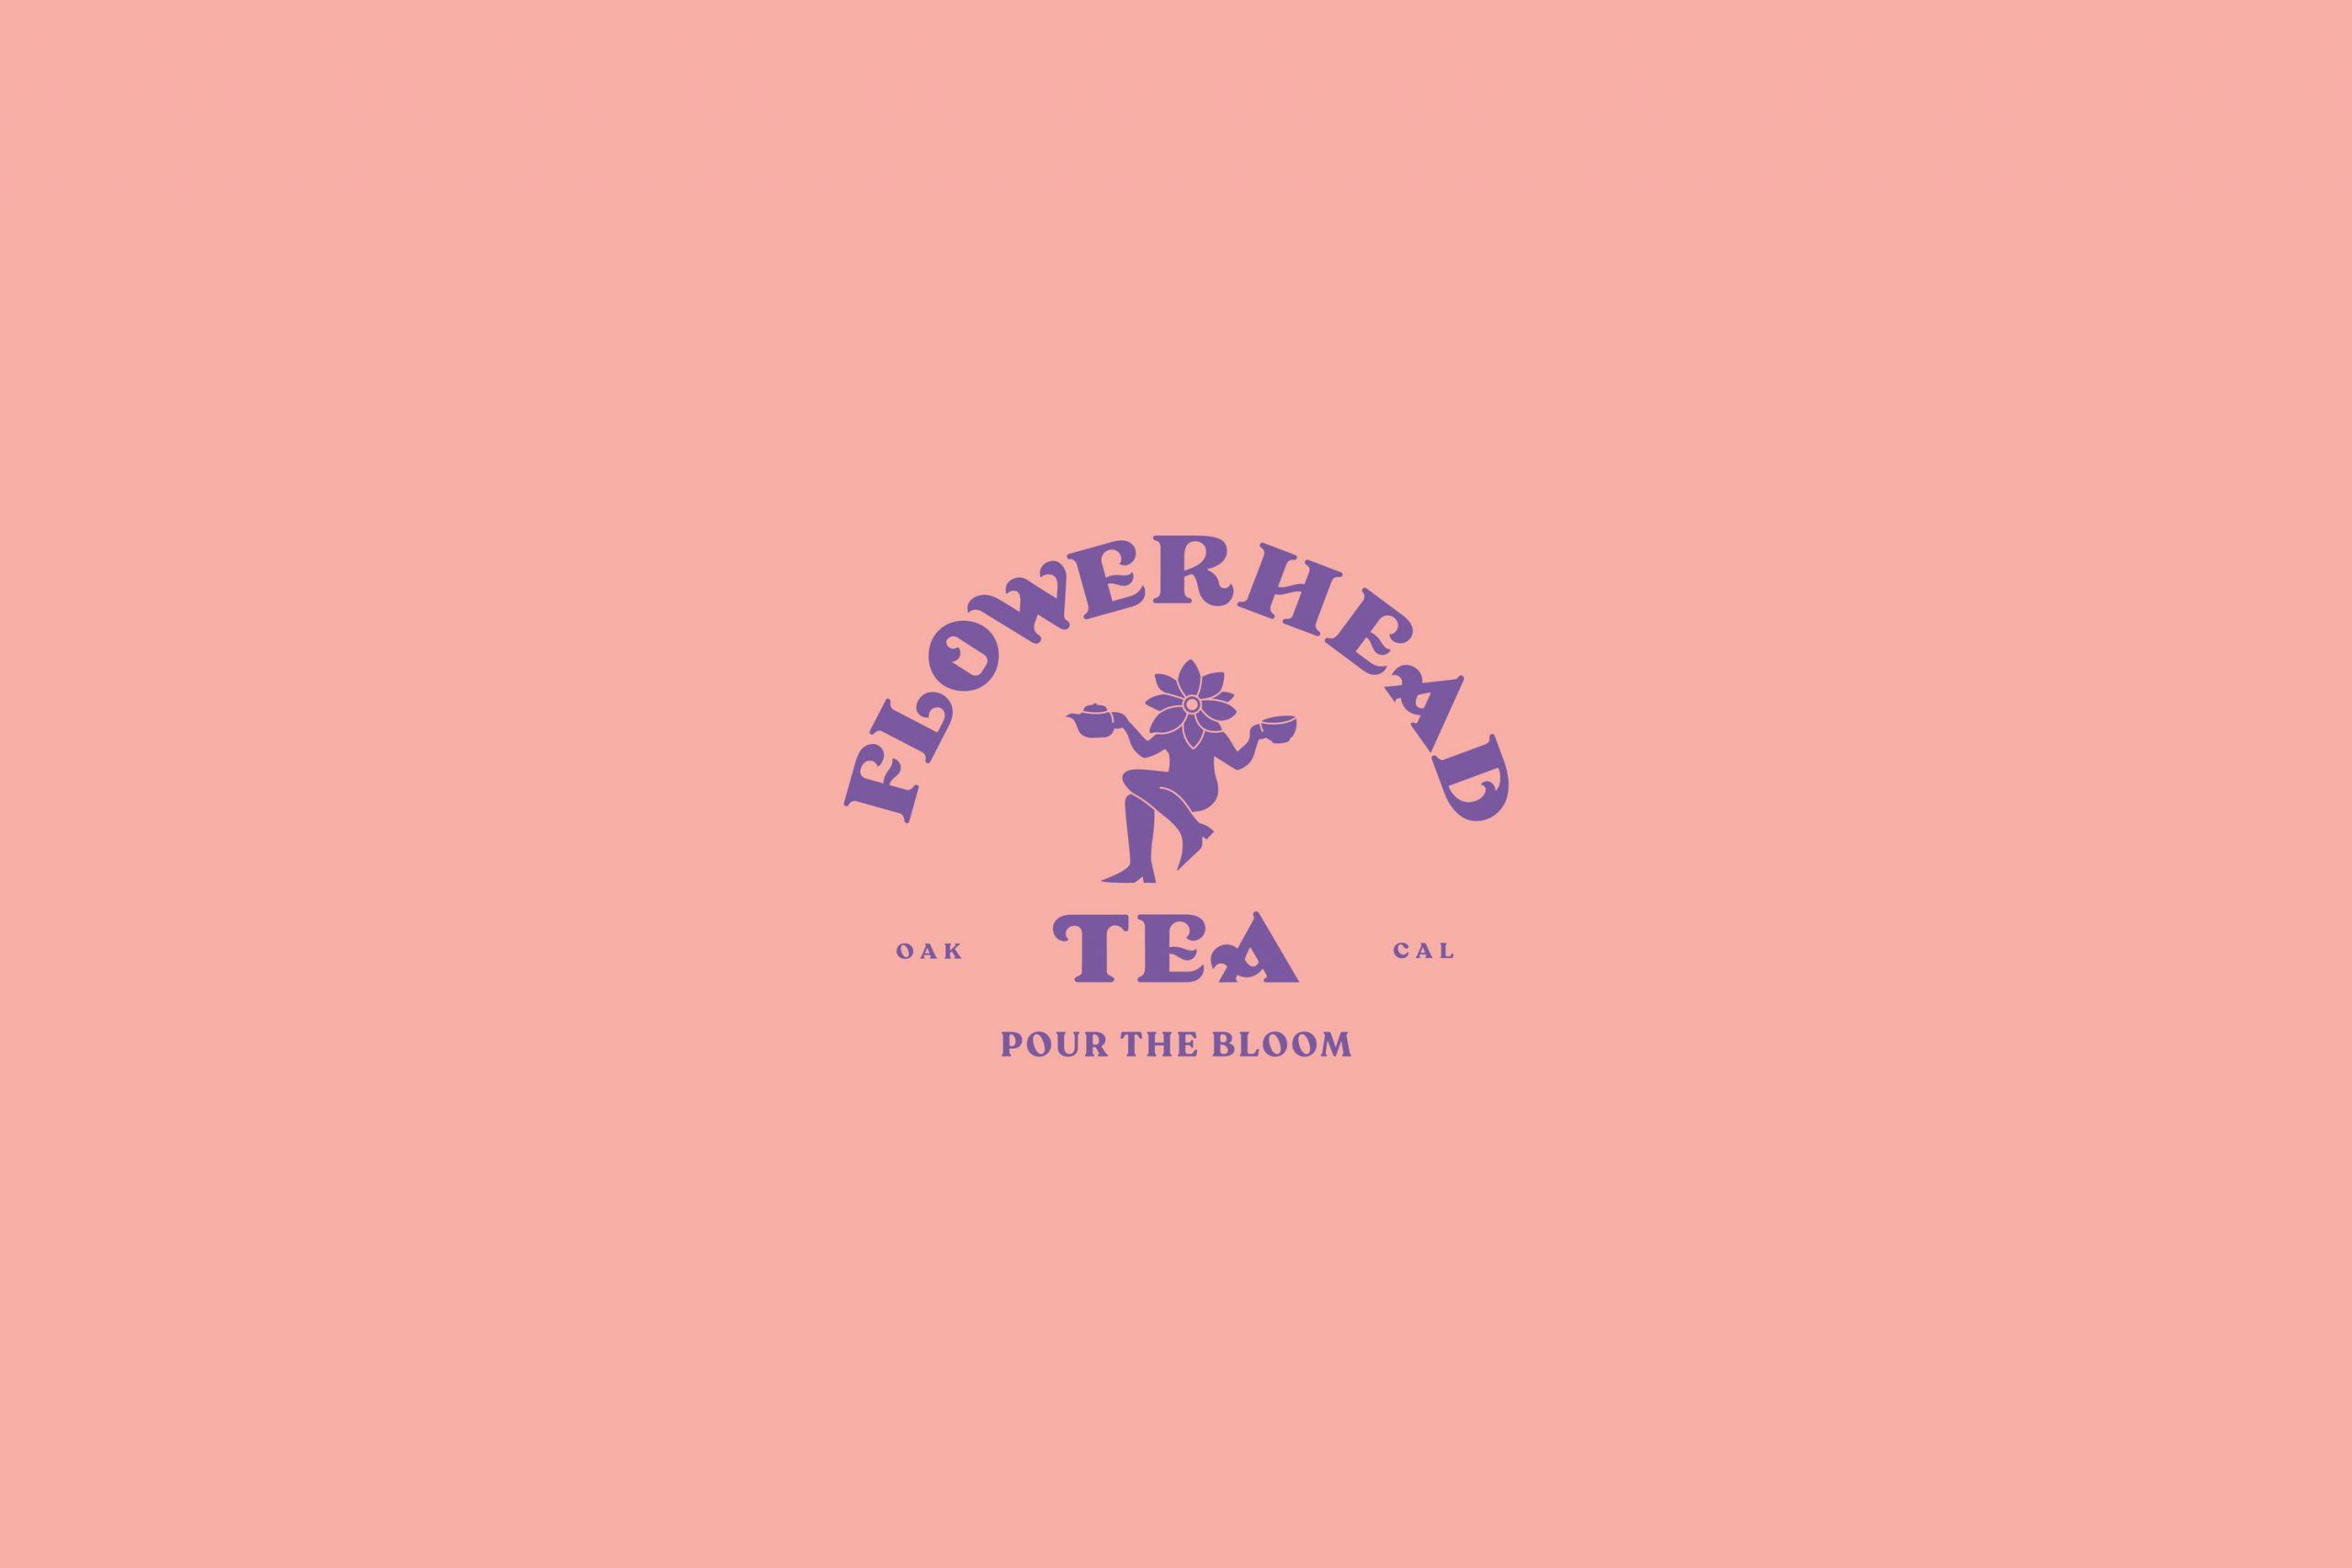 02_FLOWERHEAD_elementos-gráficos